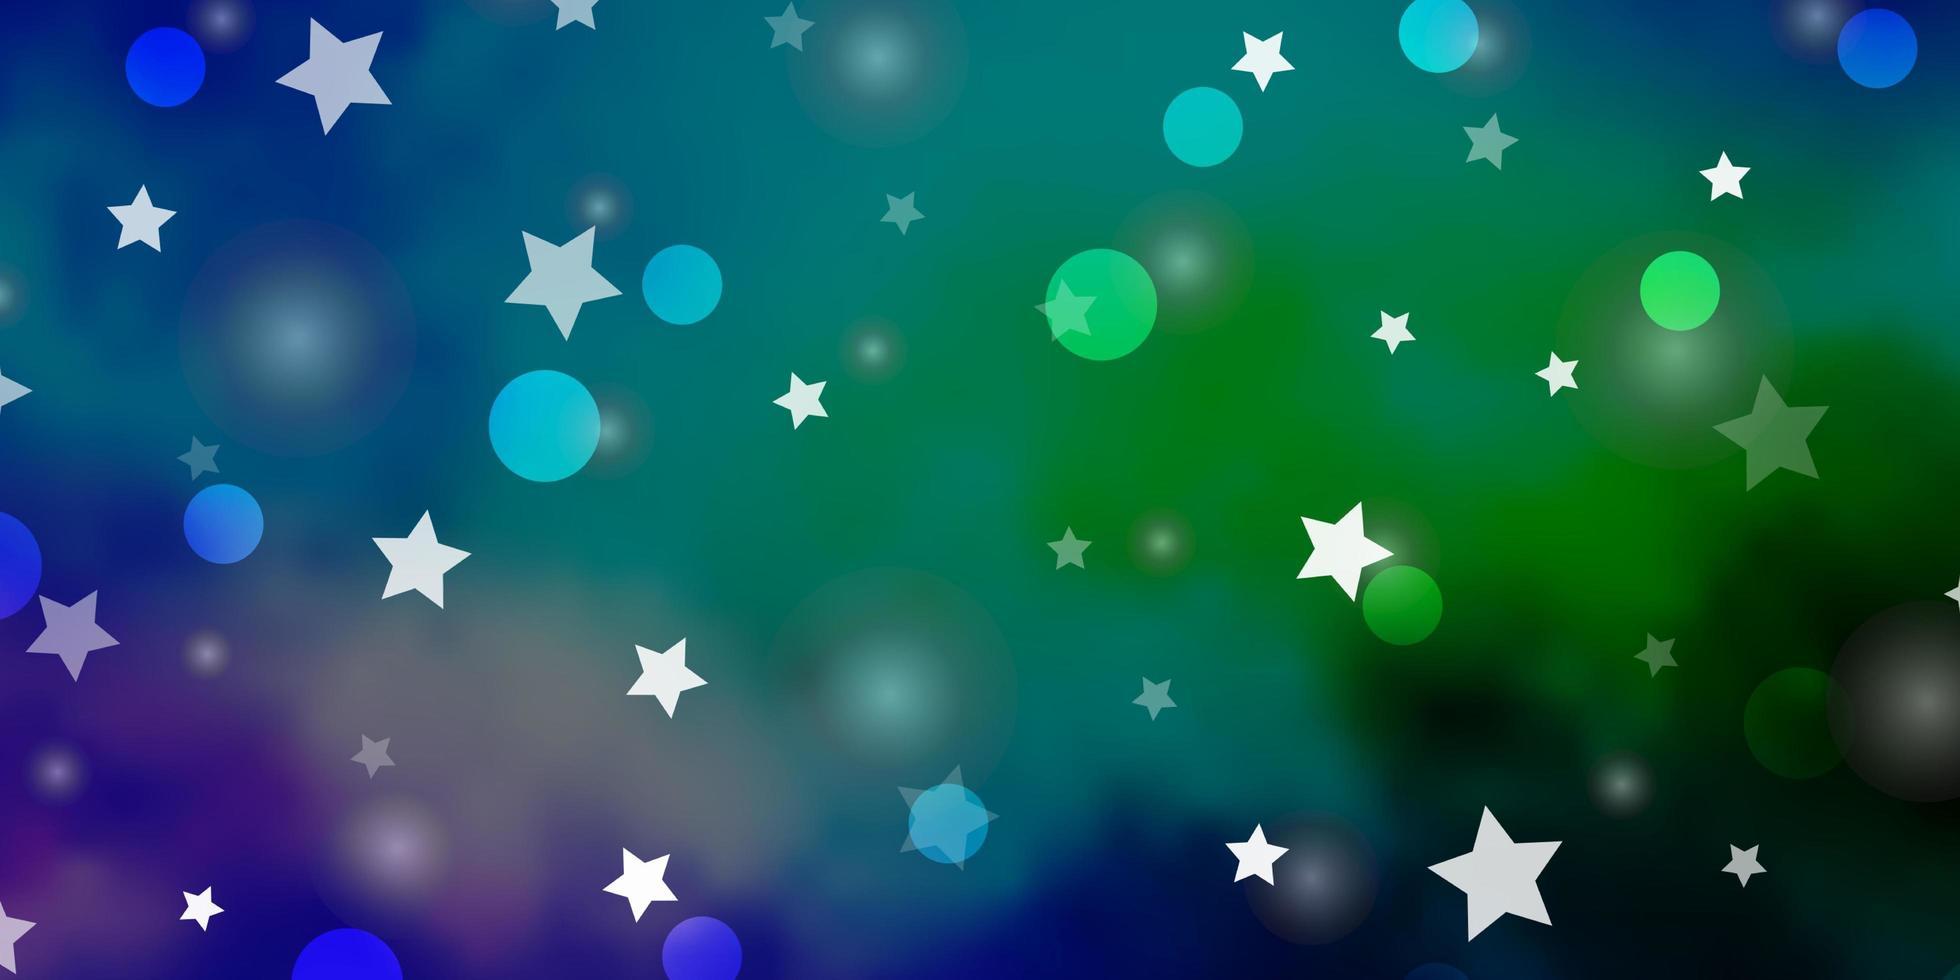 blått och grönt mönster med cirklar och stjärnor. vektor